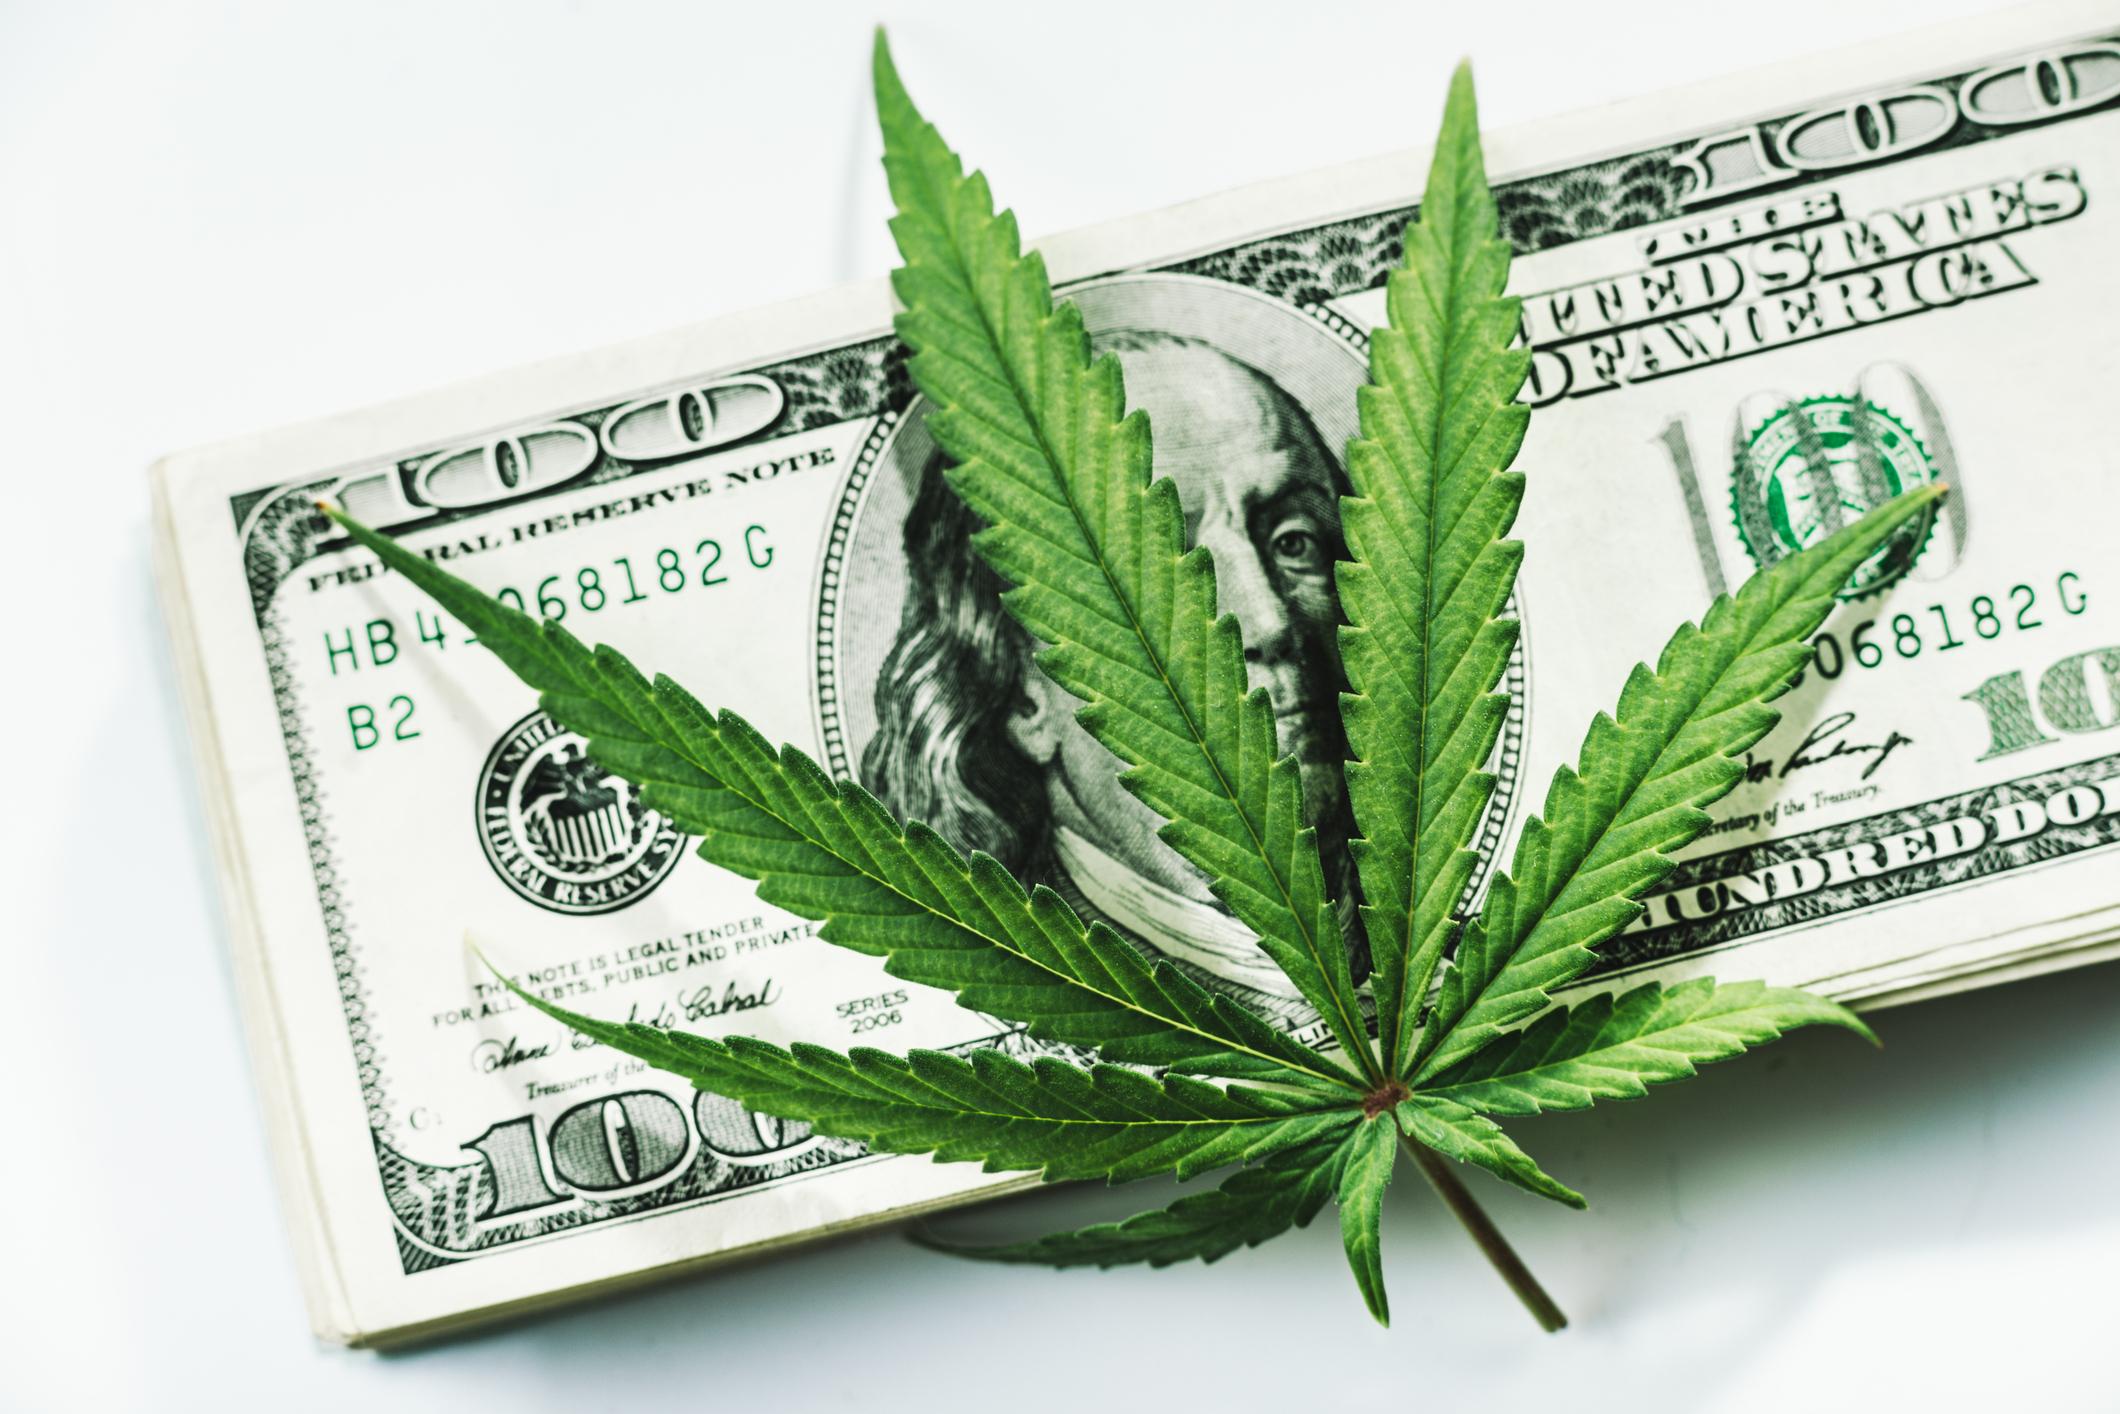 A marijuana leaf on a $100 bill.